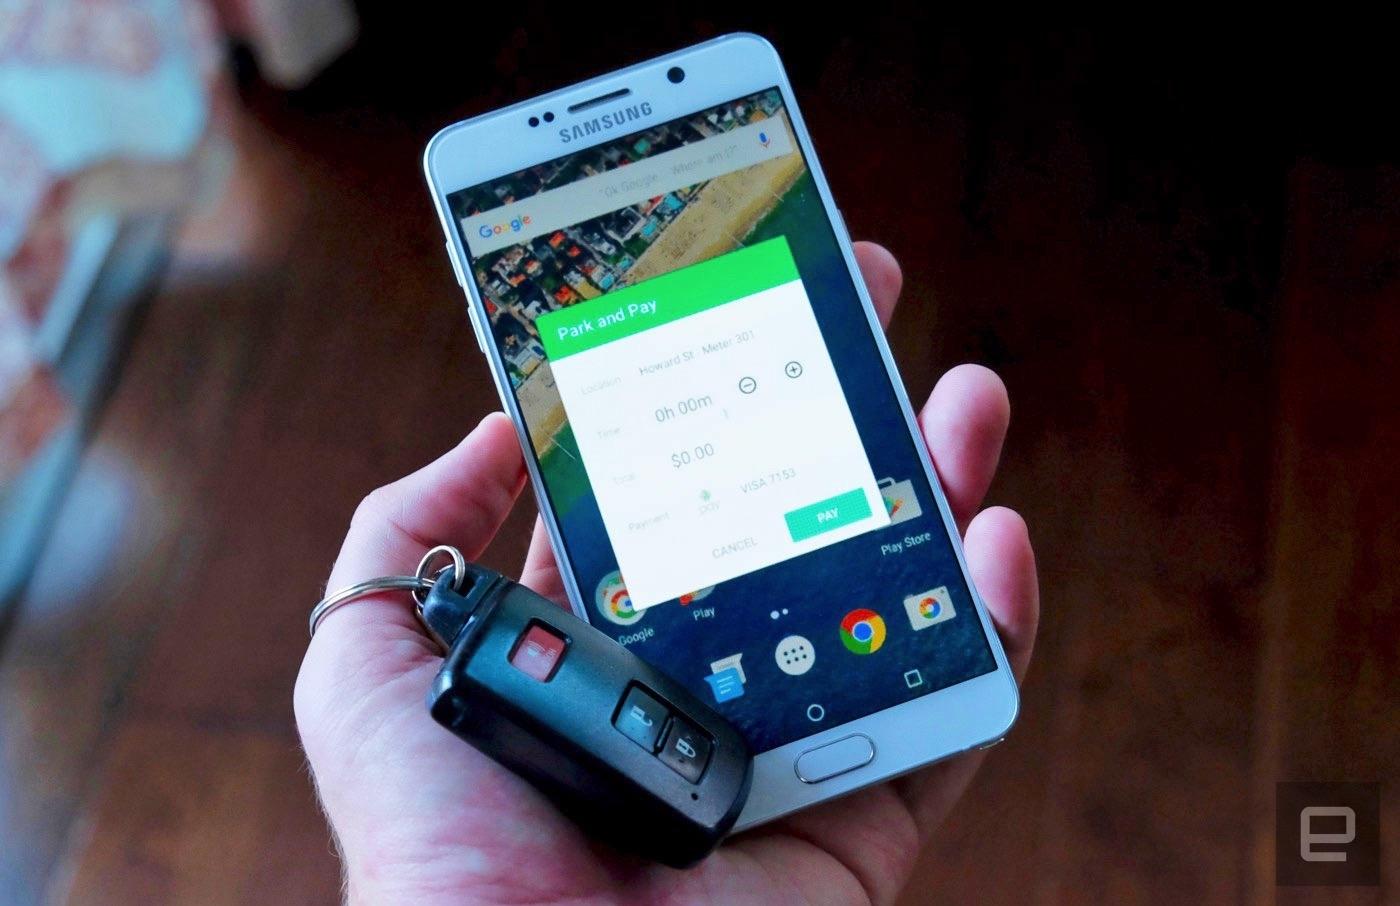 Las aplicaciones instantáneas de Android ahora son más rápidas y eficientes